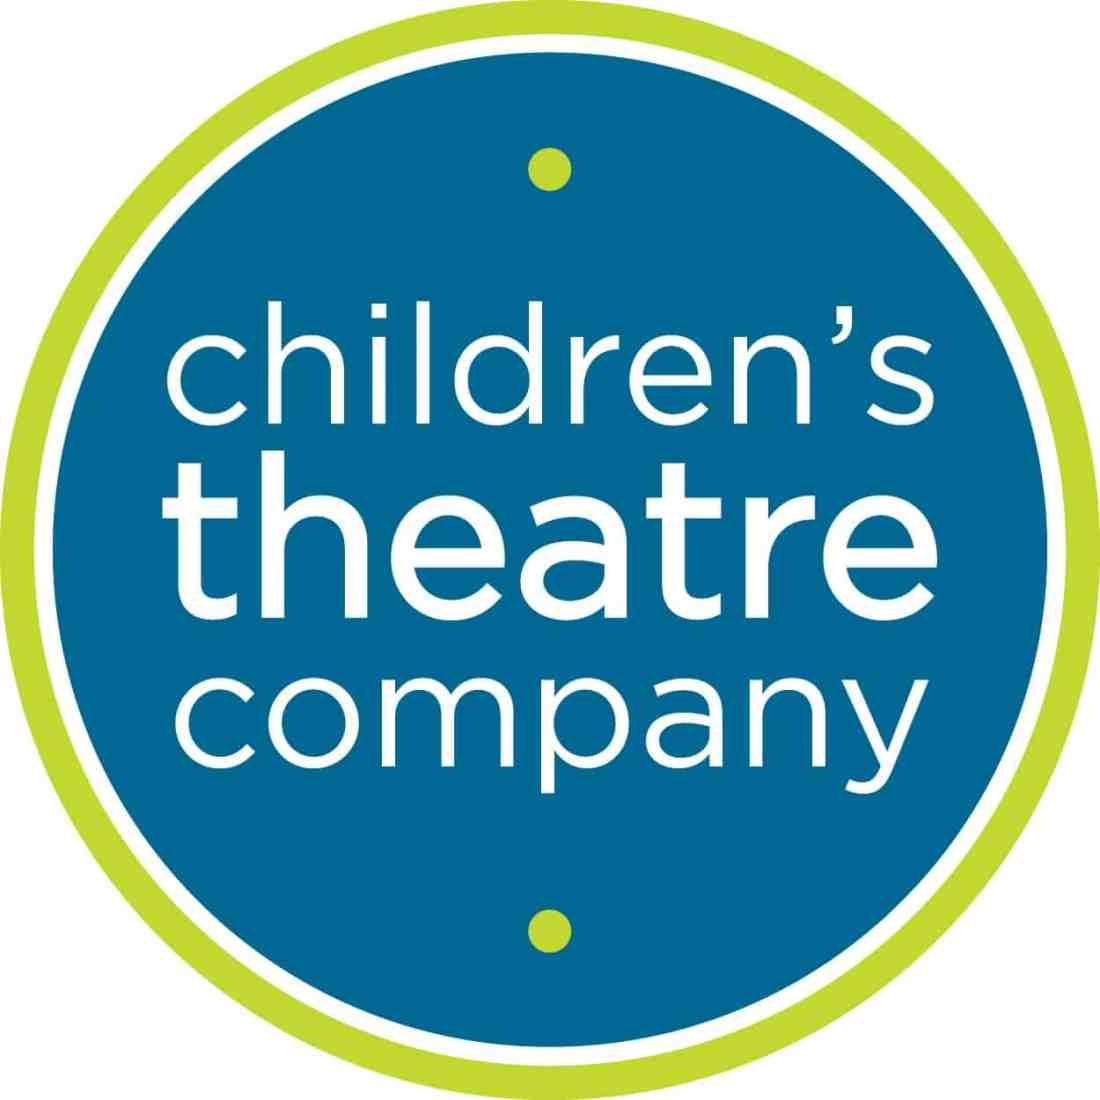 Chilldren's Theatre Company